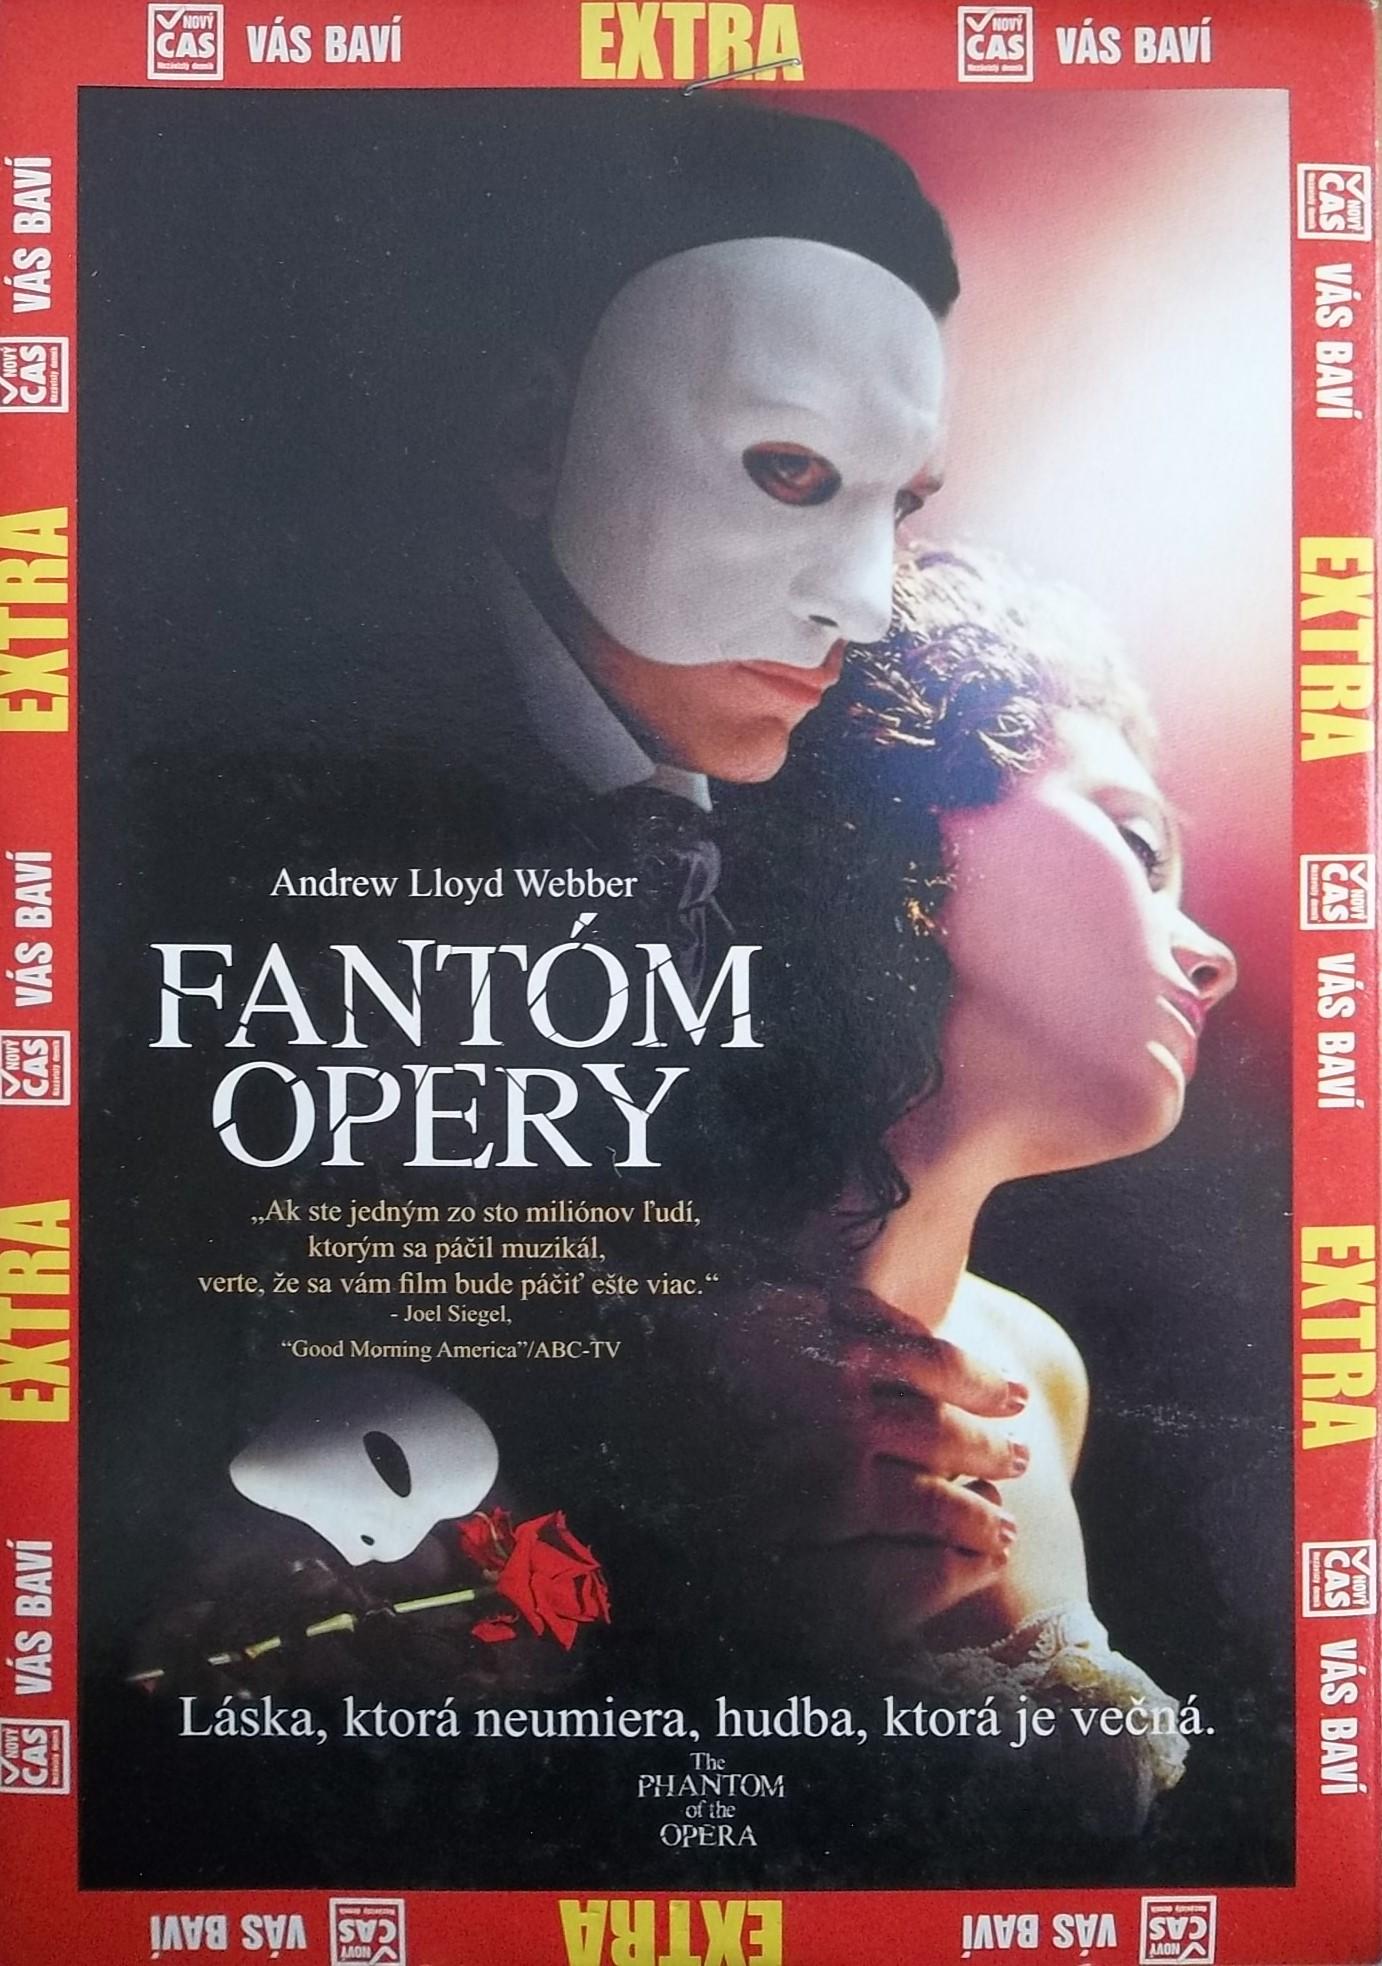 Fantom opery - Gerard butler DVD ( pošetka)